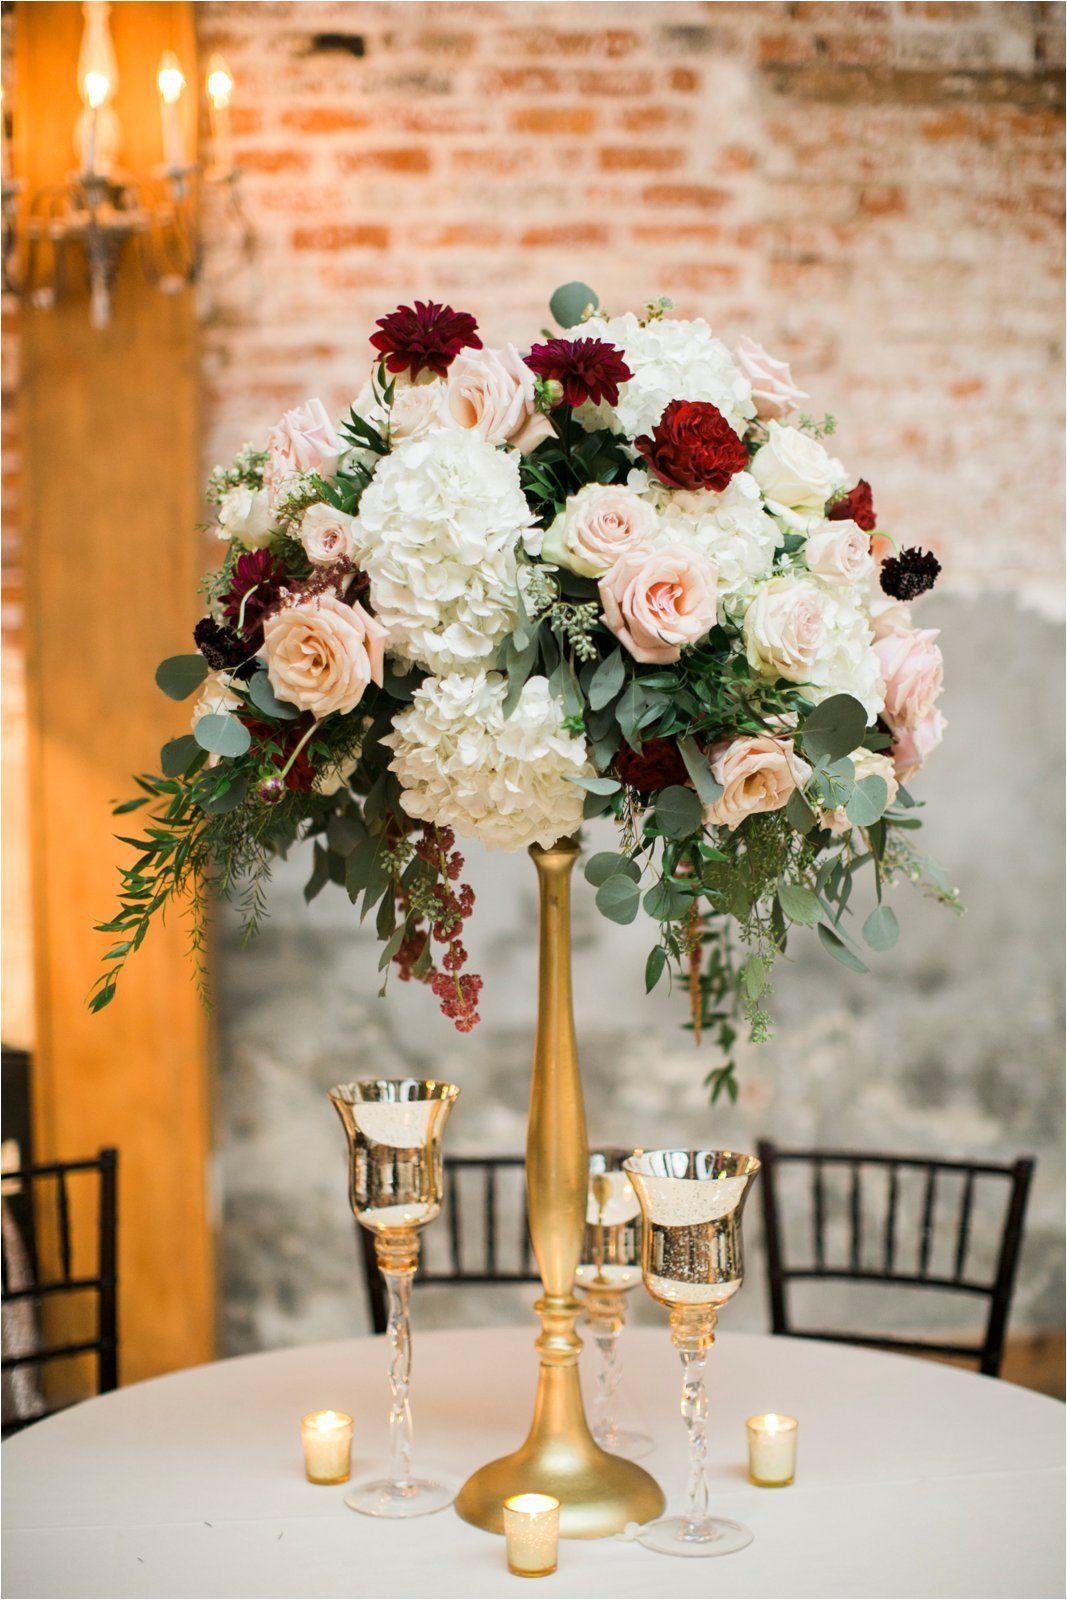 New Orleans, LA Wedding Fall wedding centerpieces, Nola